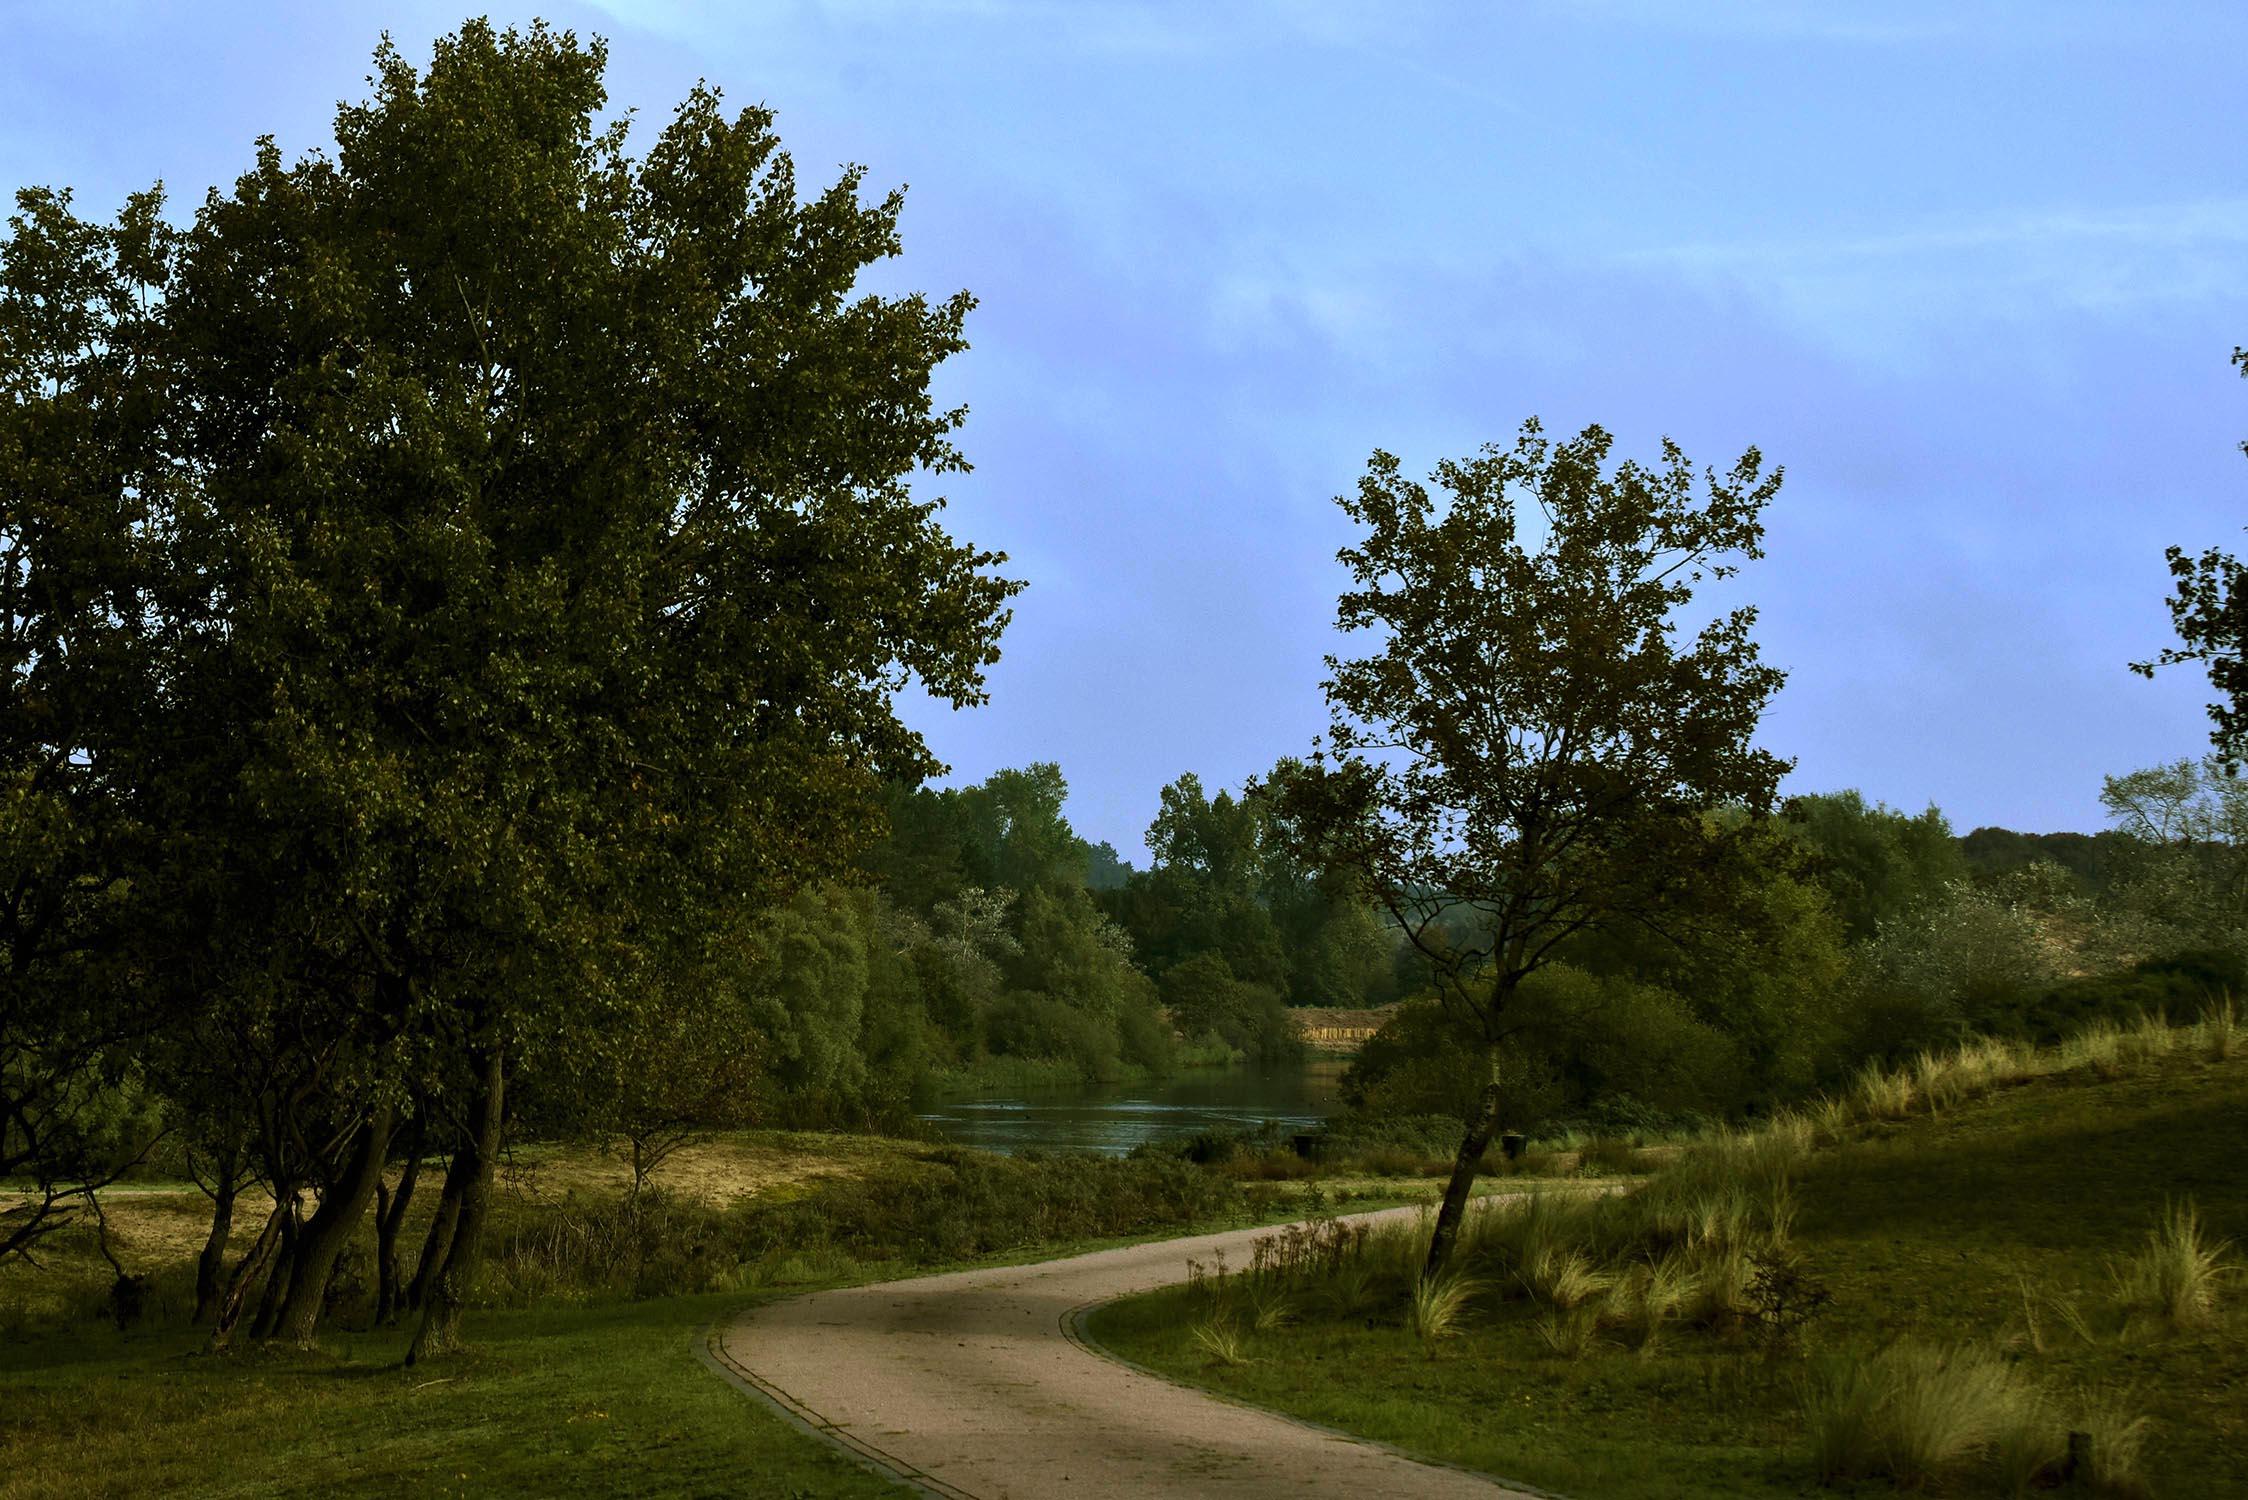 Een mooi doorkijkje vanaf de weg op de vijvers - Foto: ©Louis Fraanje